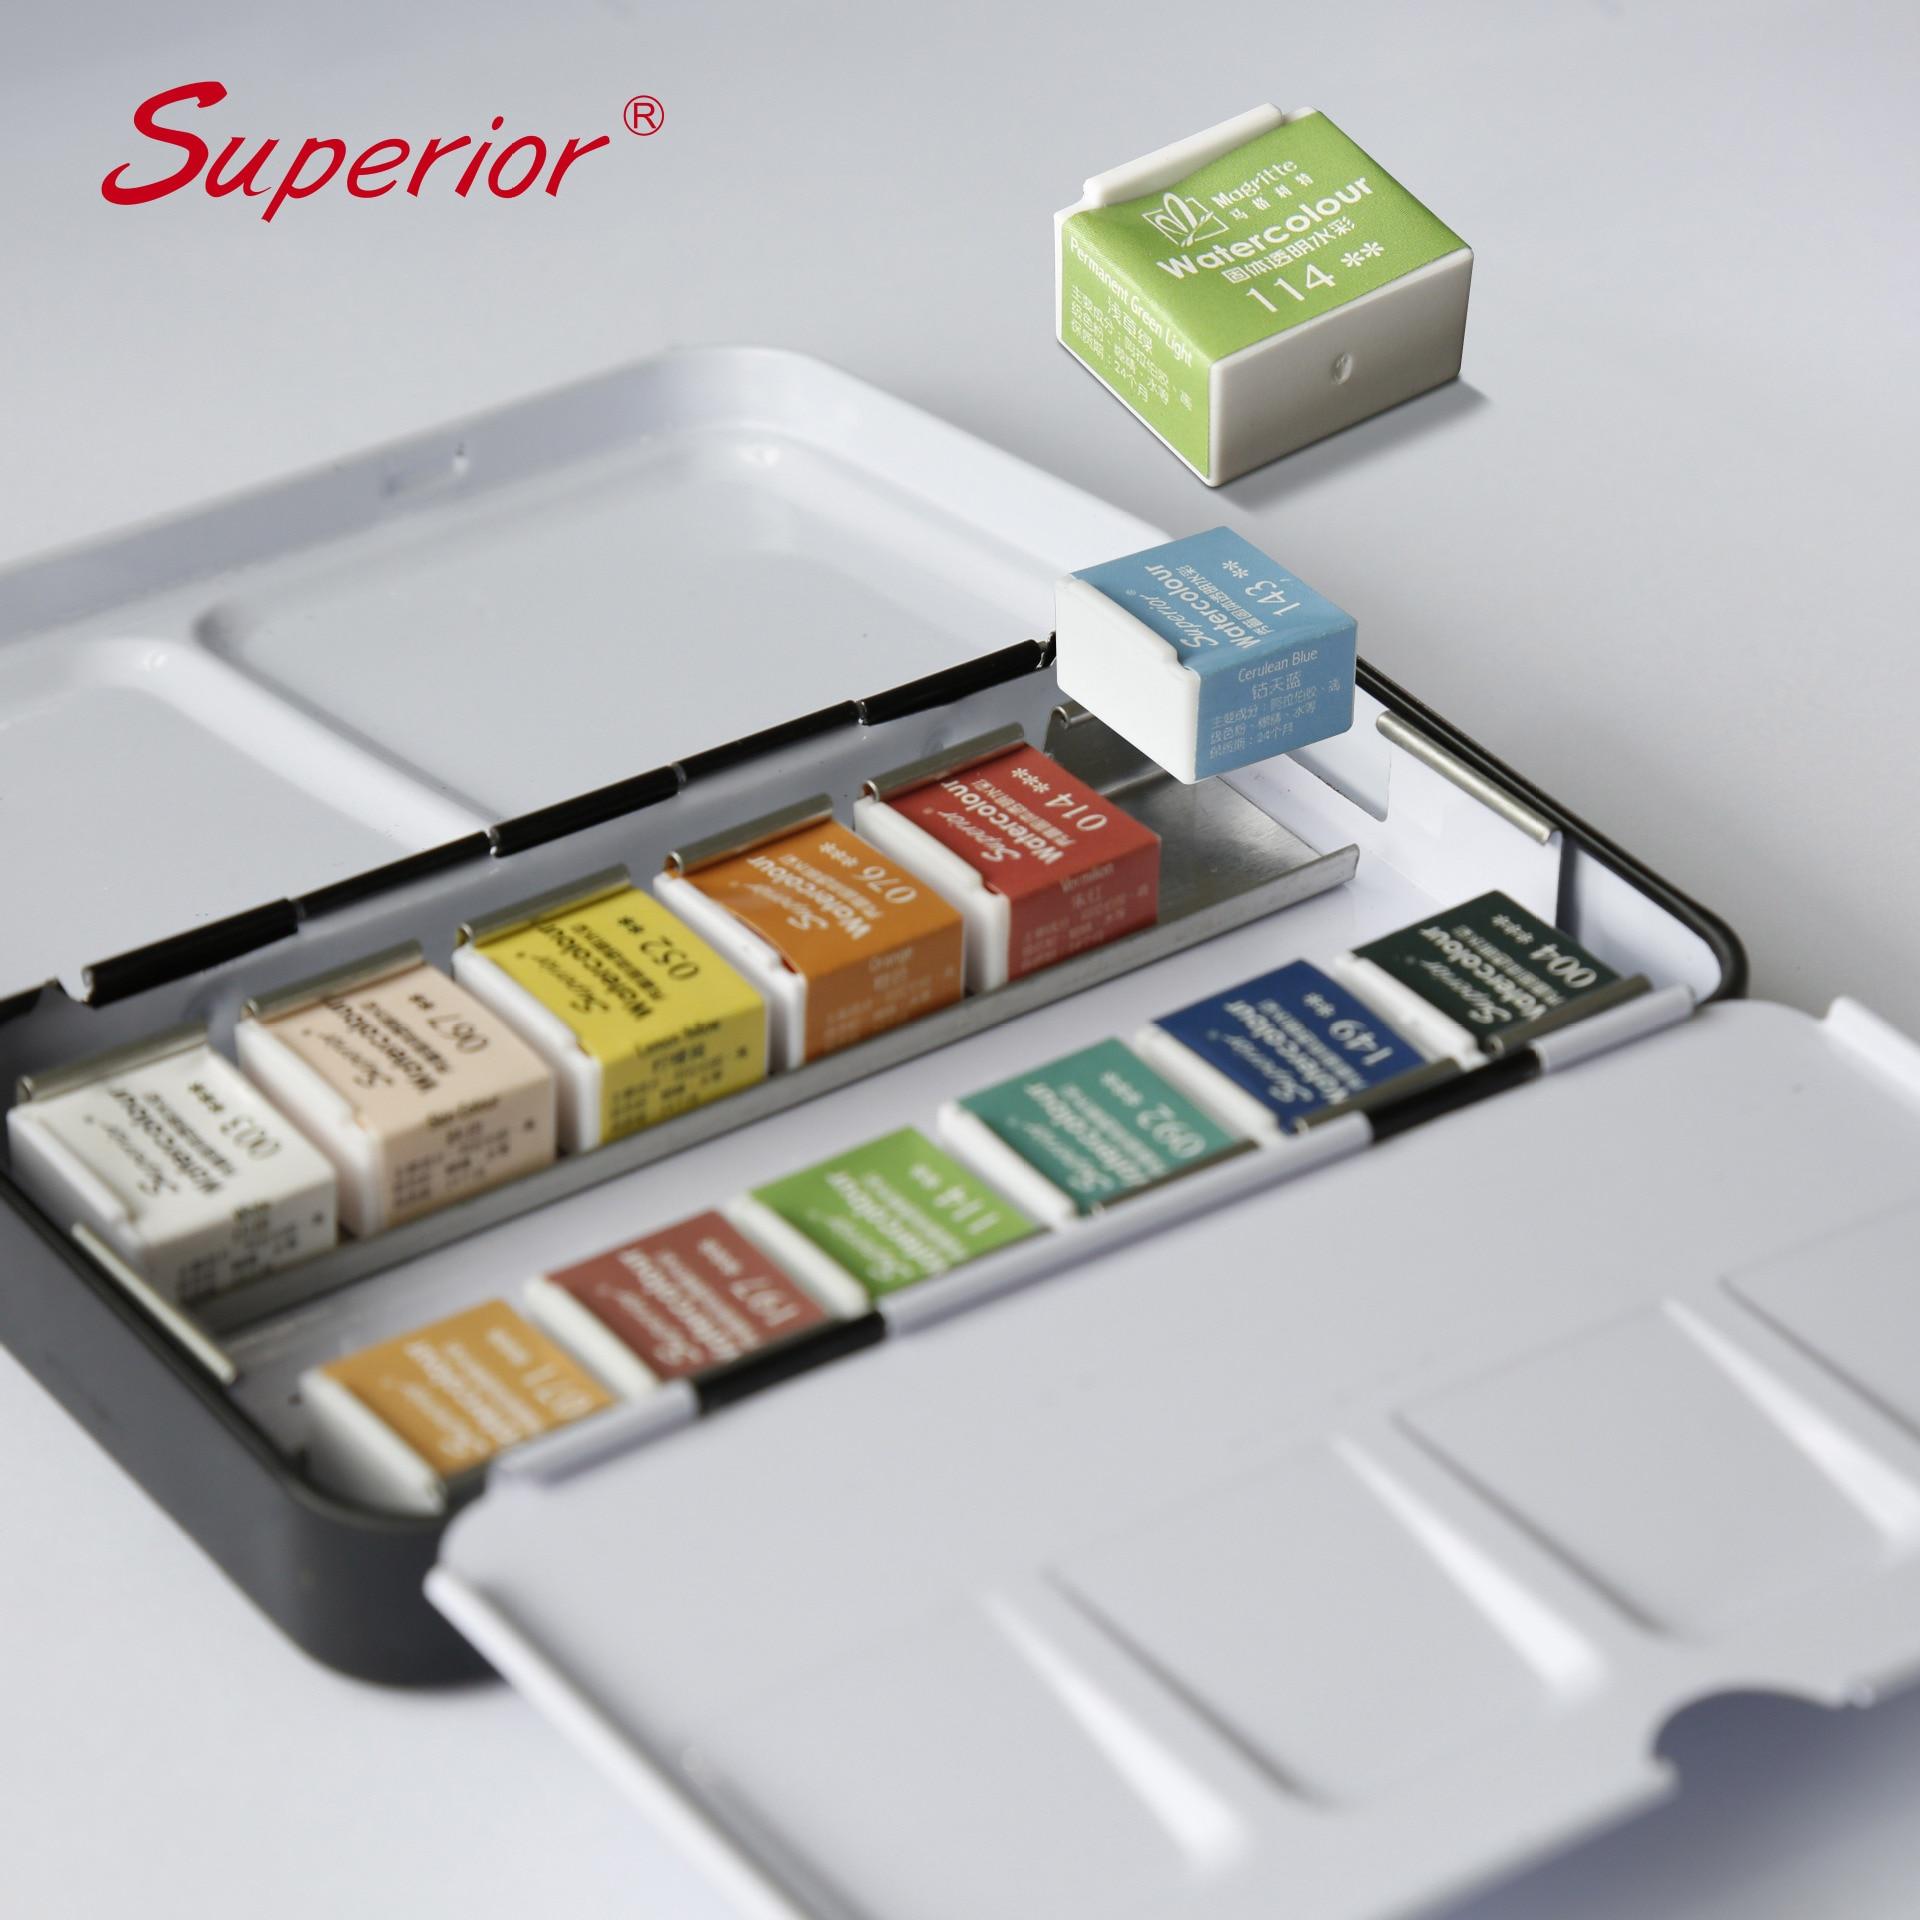 Superior 12/24/36/48 Cores Pigmento Sólido Conjunto Com Pincel Aquarela Aquarela Tintas Conjunto Pigmento Arte suprimentos